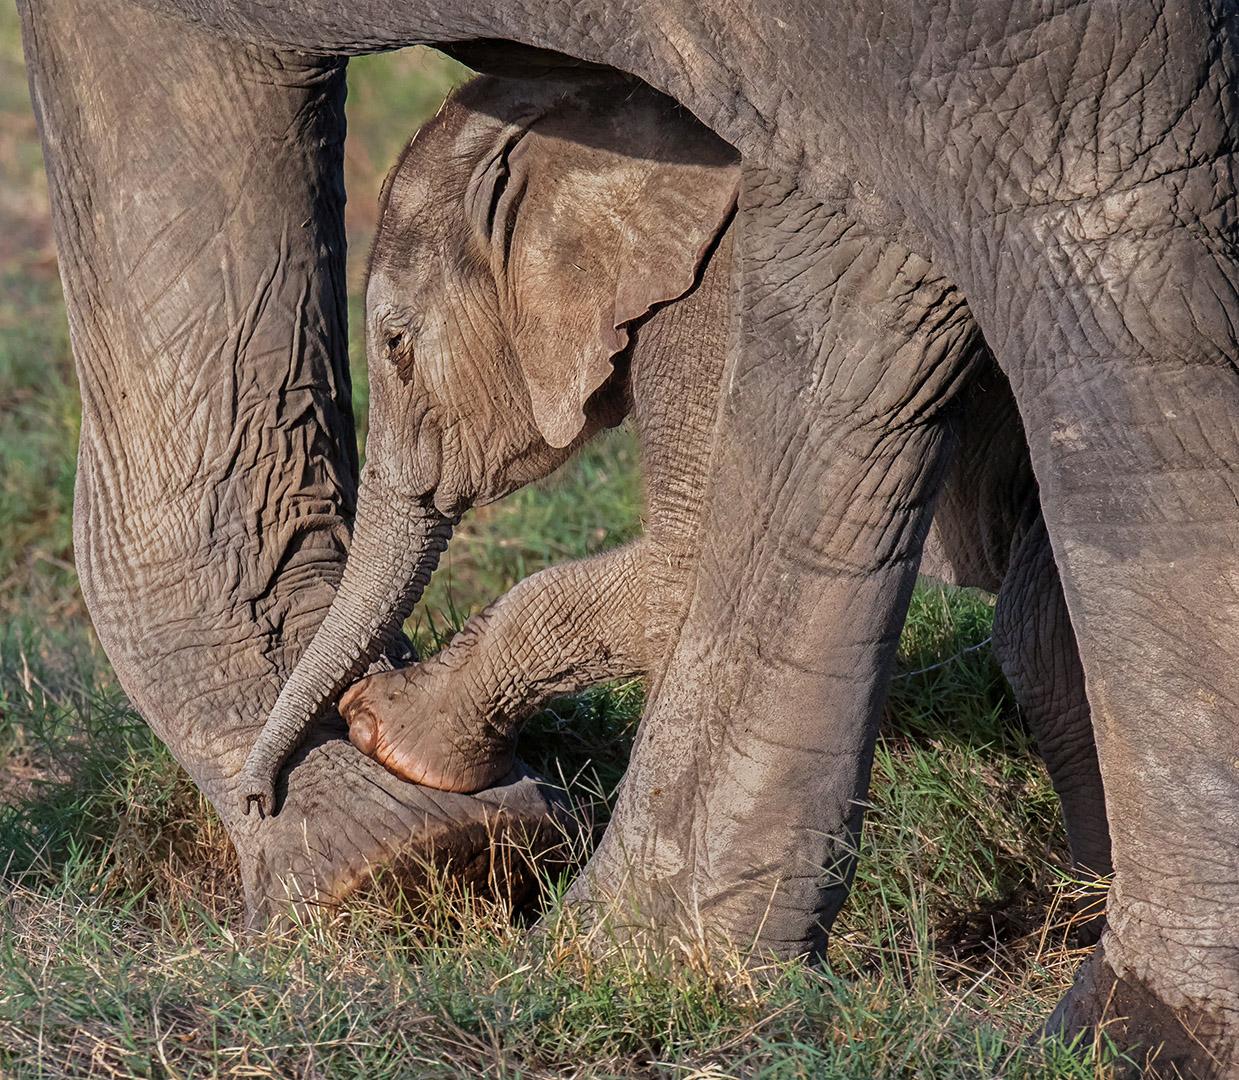 Sandy (Yan Hua) Lu – Elephants-Mommy, it's fun! – HM